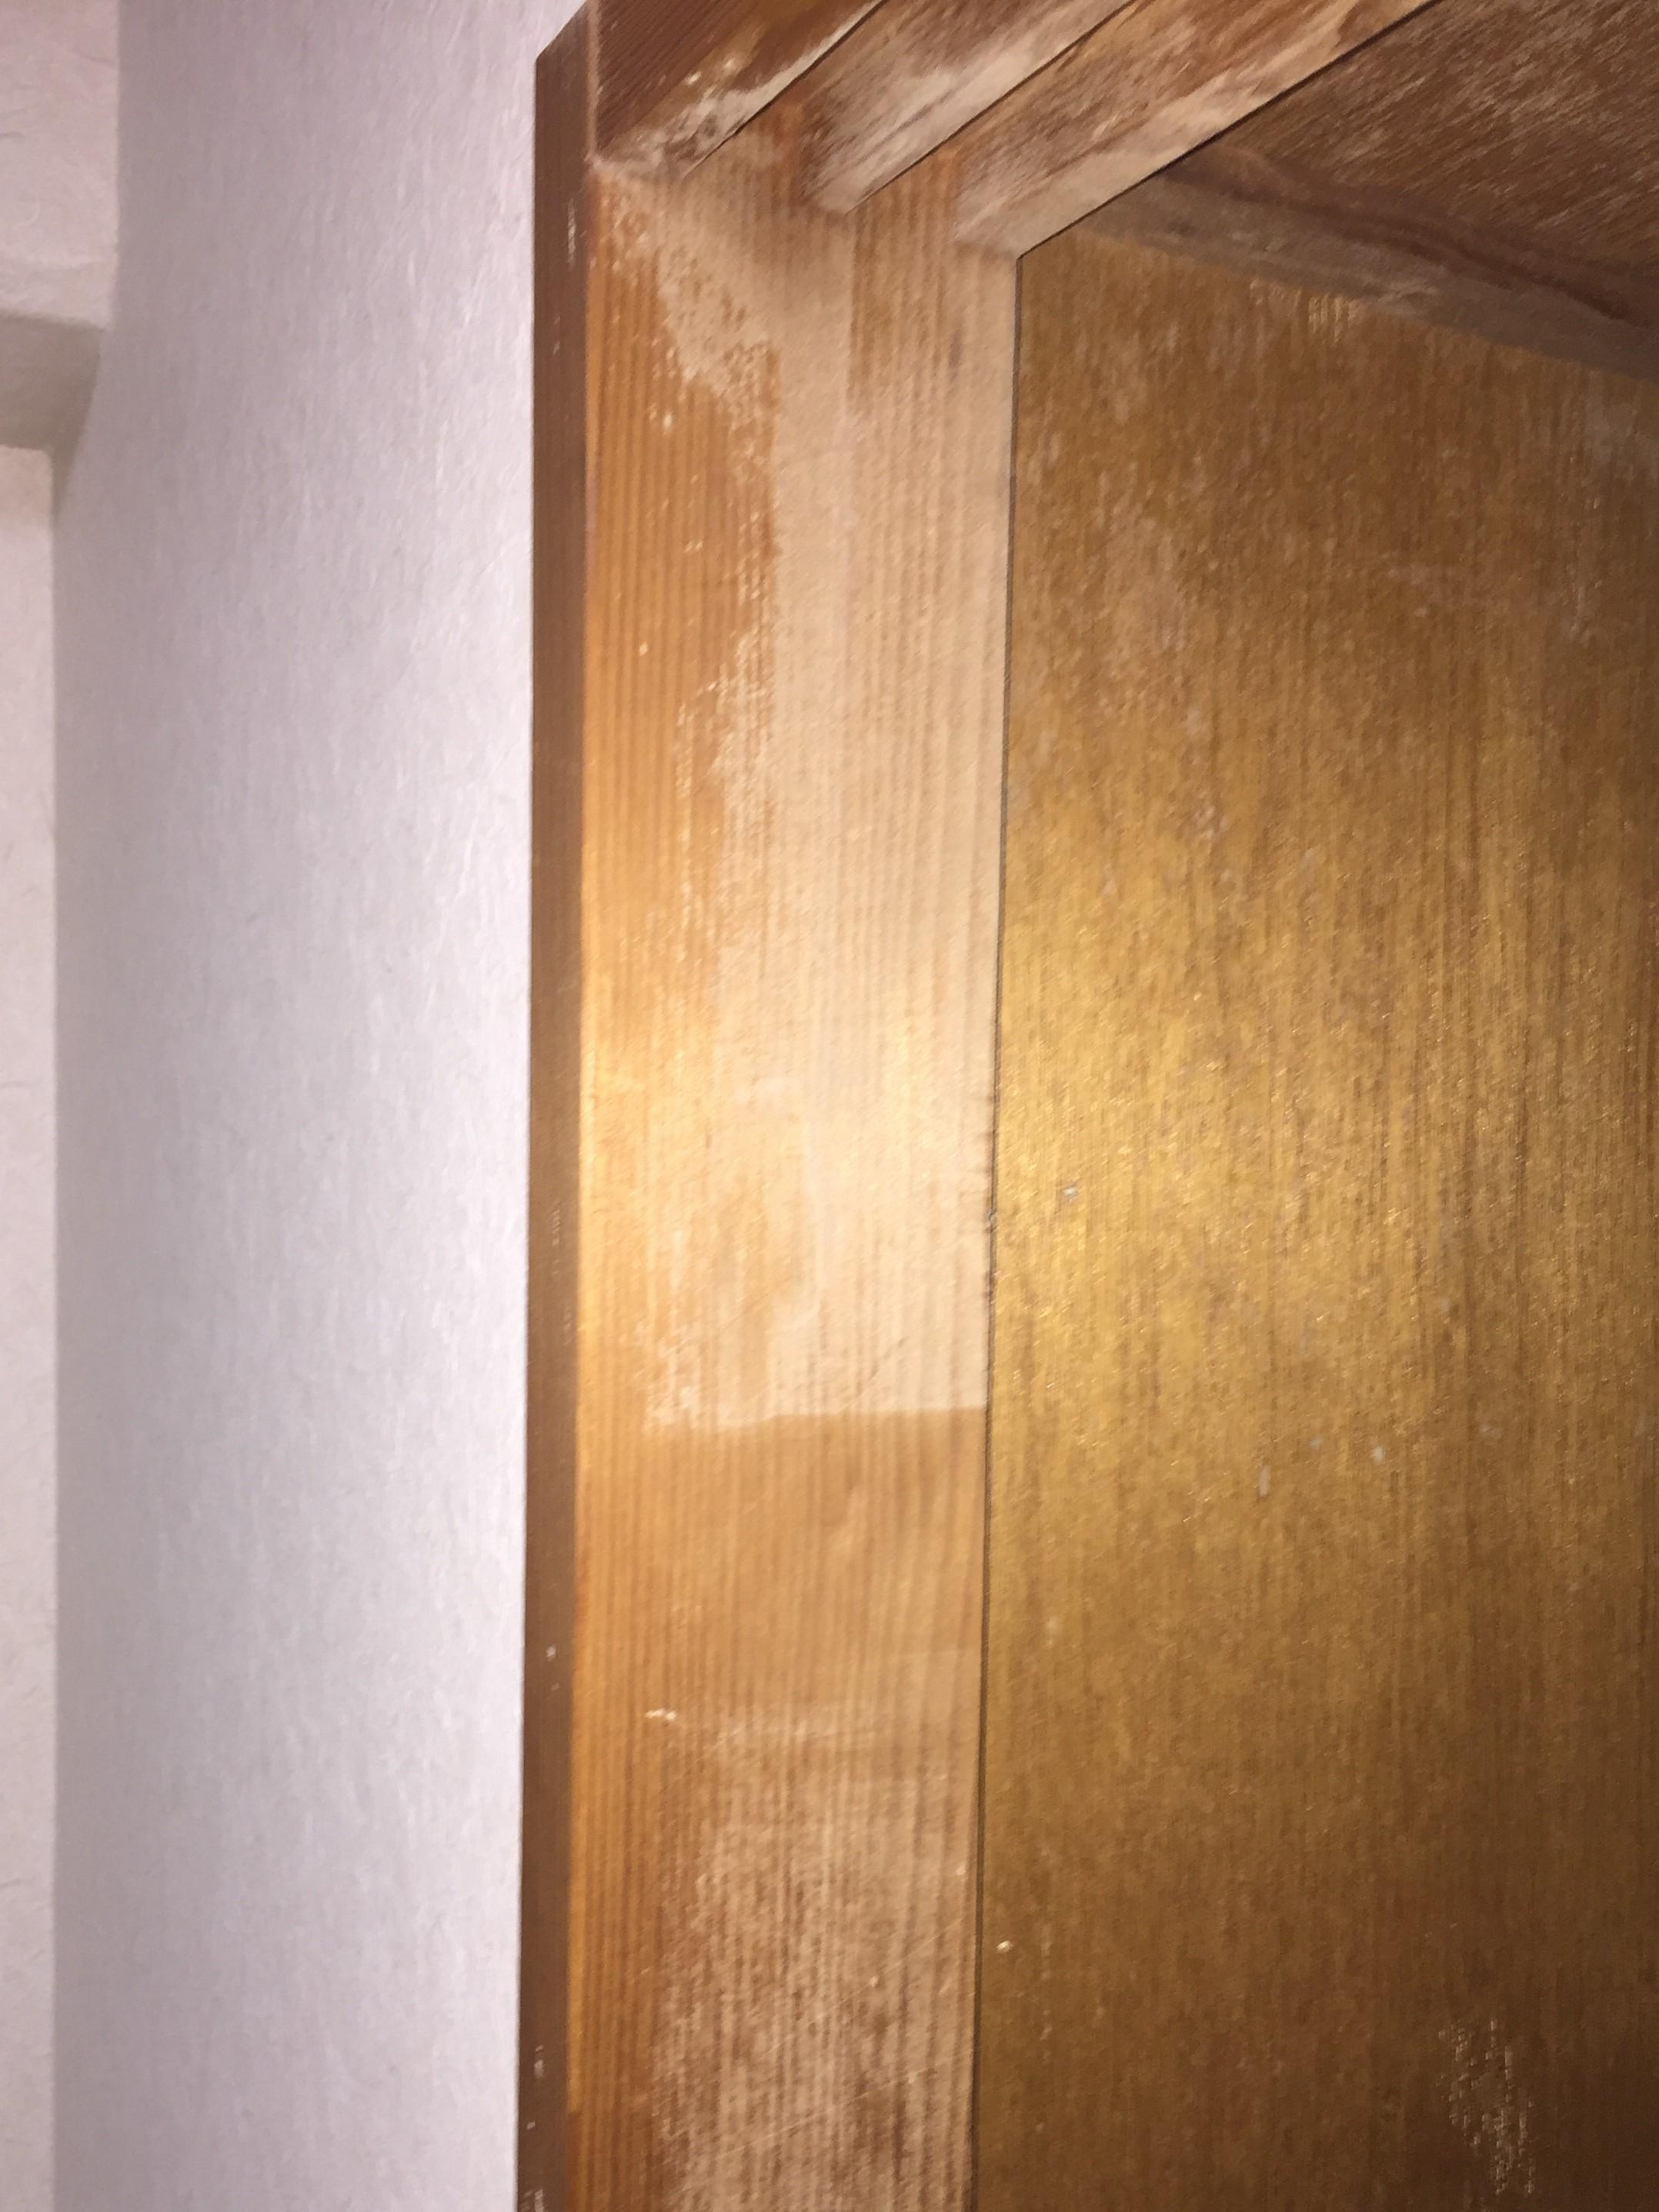 木造の柱・長年放置しているとカビの根っこが木の内部にまで浸透・・伊丹市・宝塚市・川西市~無料出張・無料見積は、おそうじプラスまで